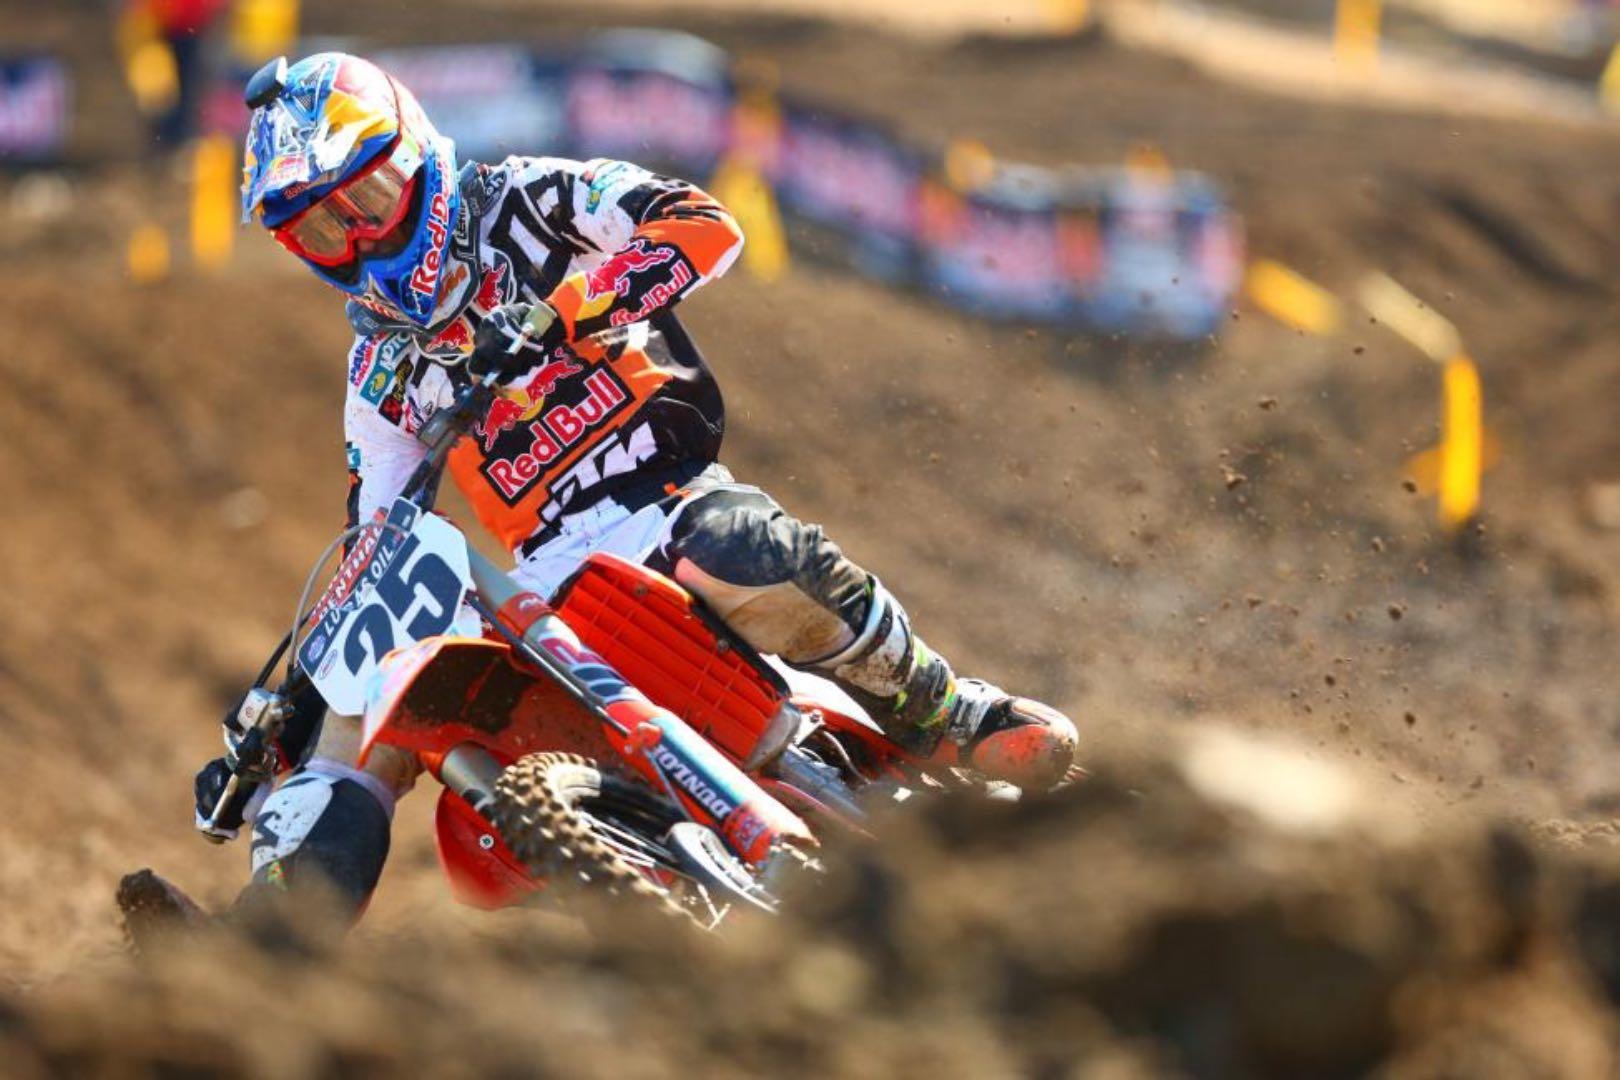 2017 RedBud Motocross: KTM's Marvin Musquin